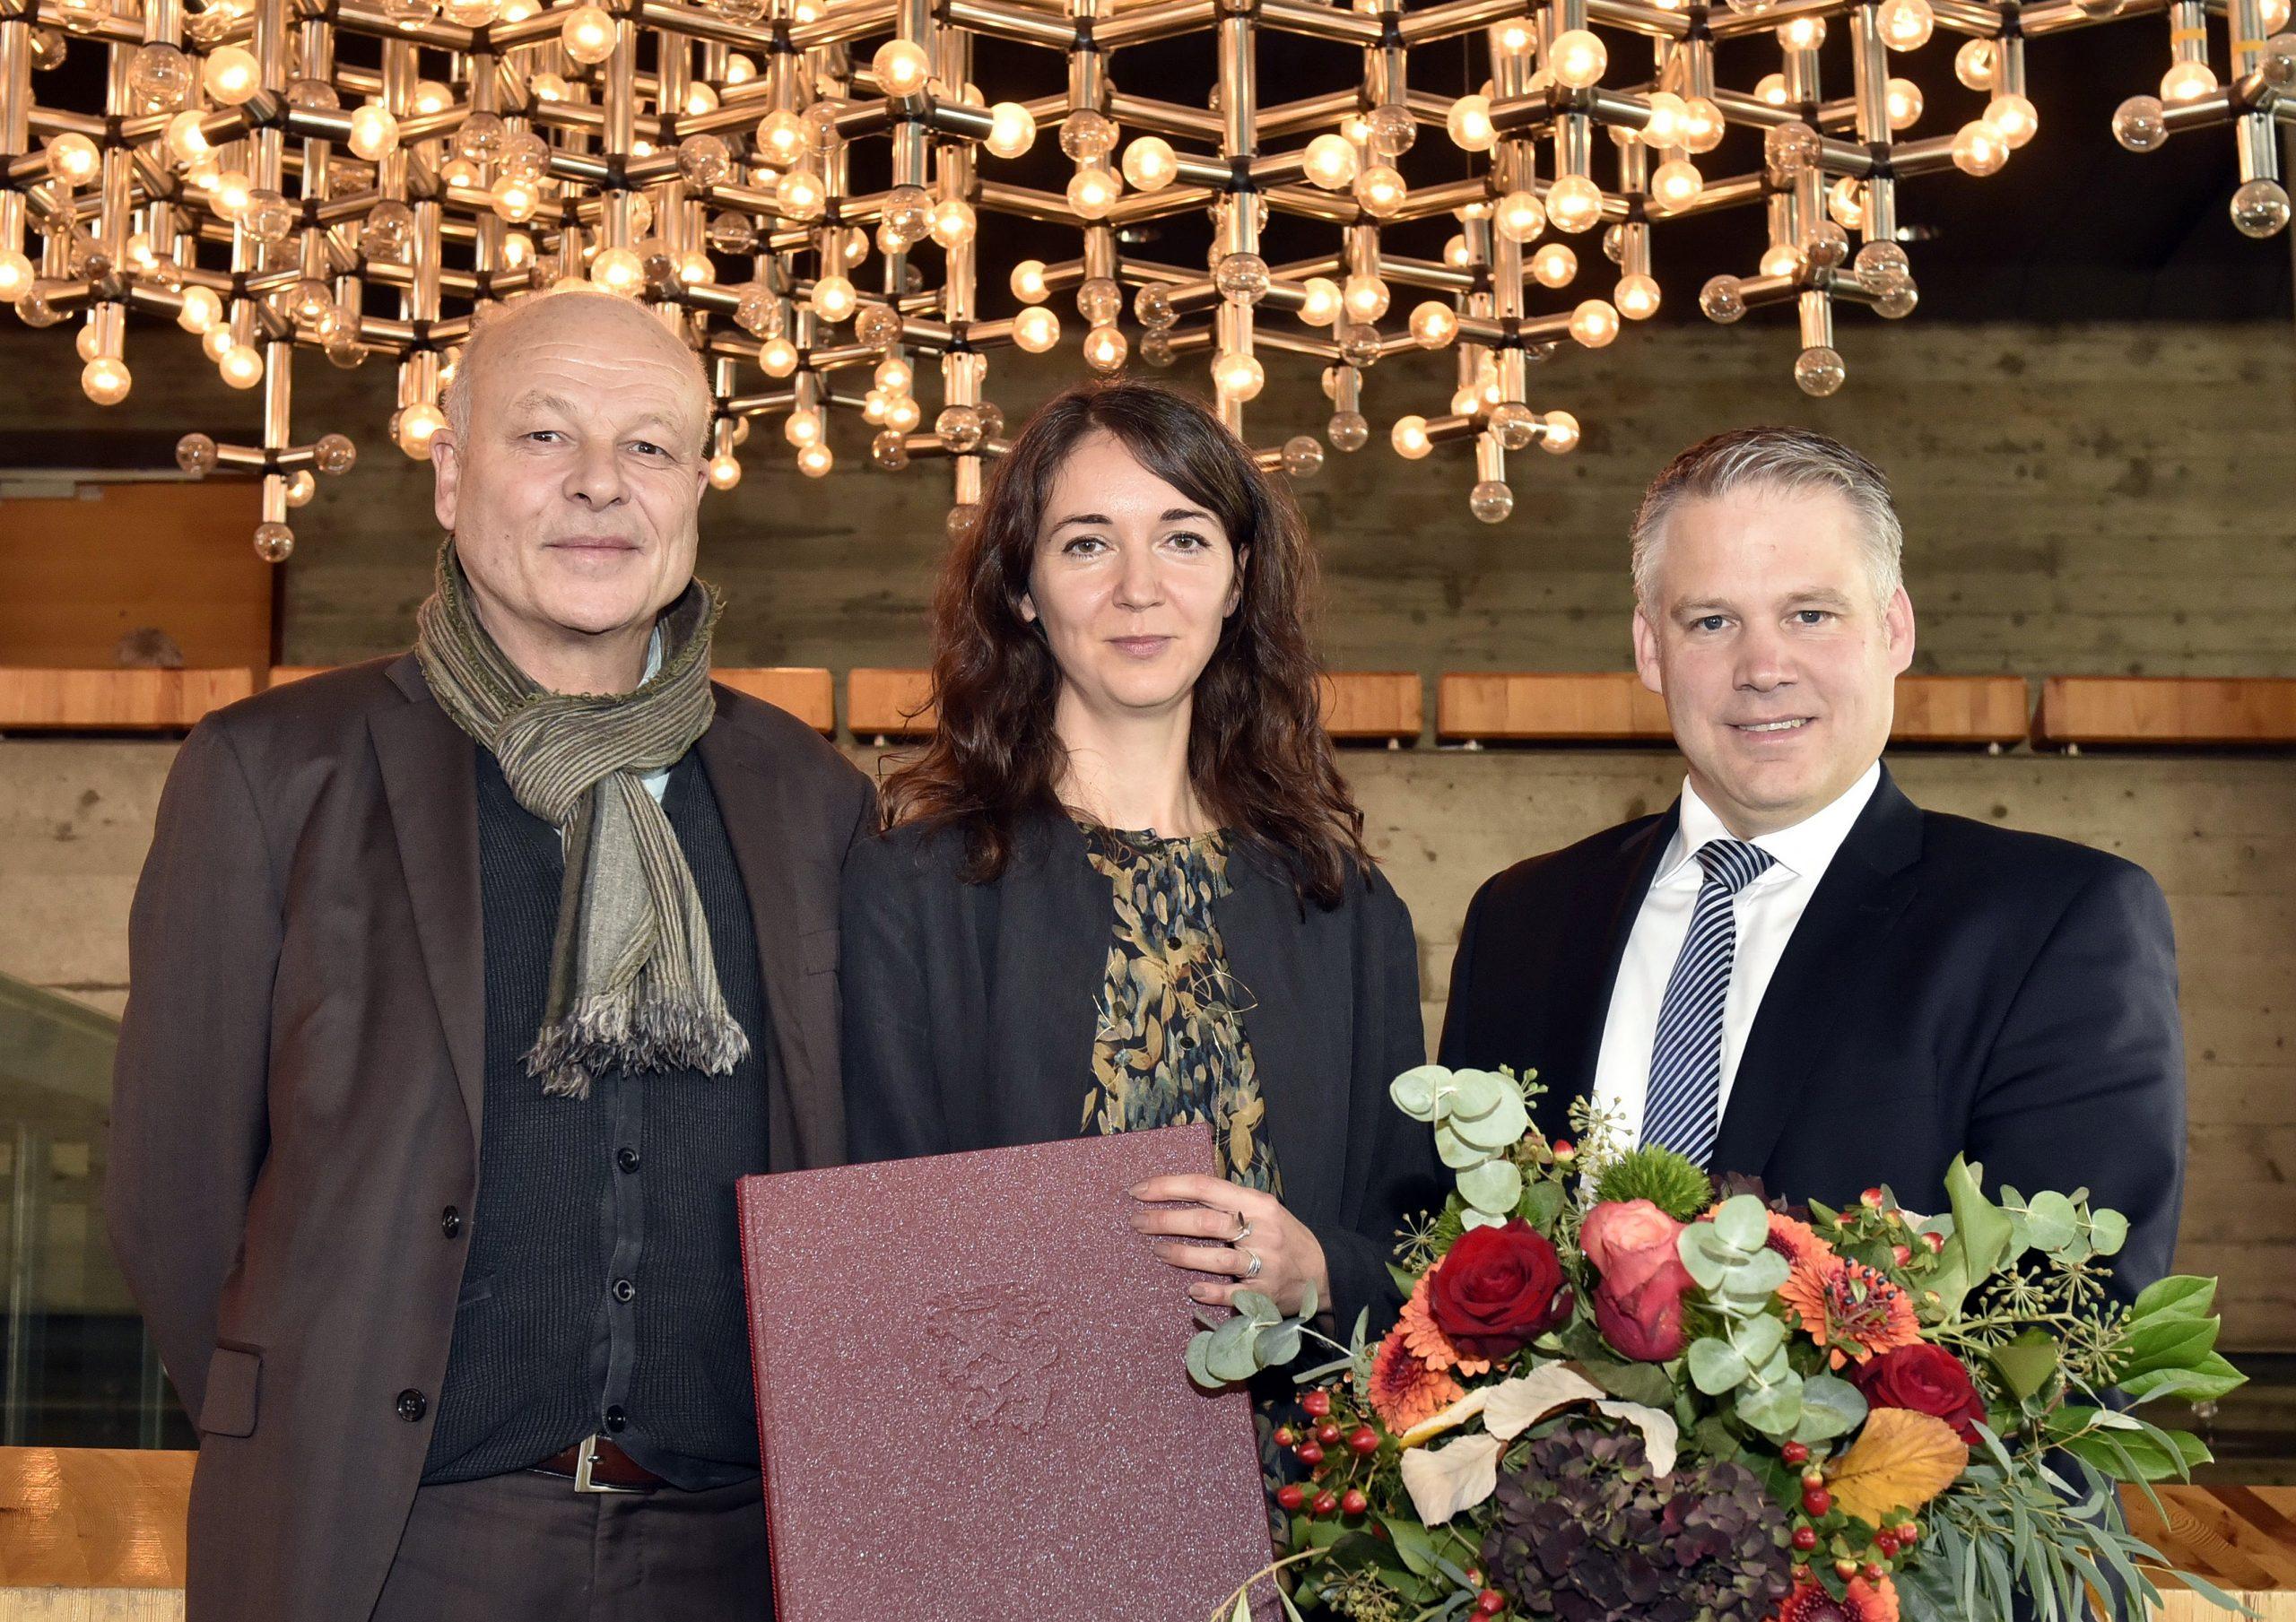 Iris Wolff bei der Verleihung des Marieluise-Fleißer-Preises der Stadt Ingolstadt. Mit Oberbürgermeister Christian Lösel (r) und Laudator Klaus Hübner.